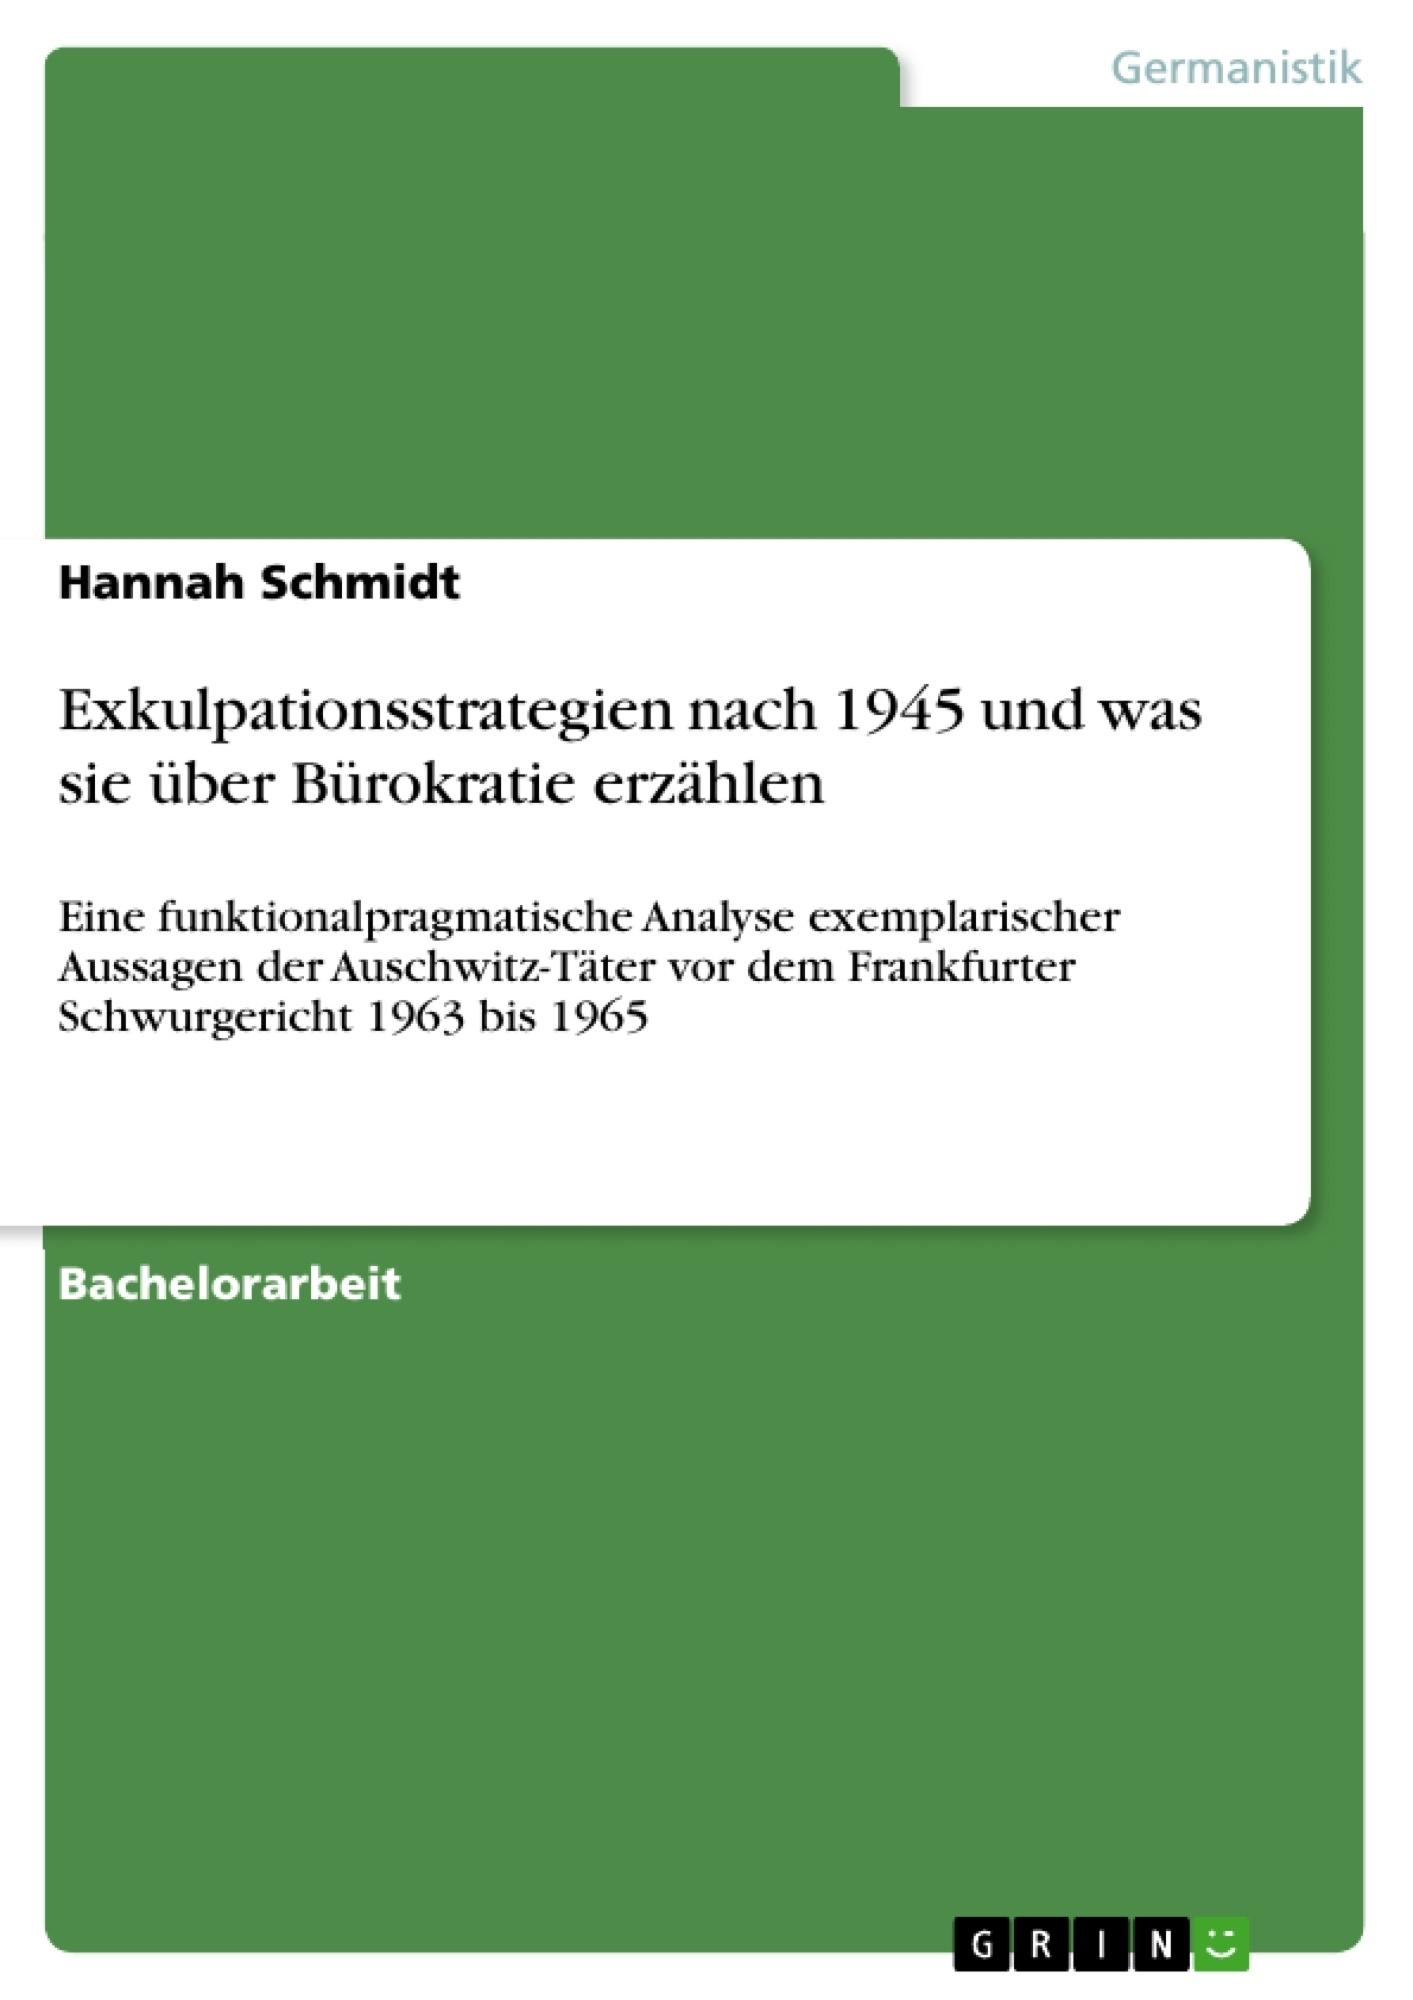 Titel: Exkulpationsstrategien nach 1945 und was sie über Bürokratie erzählen